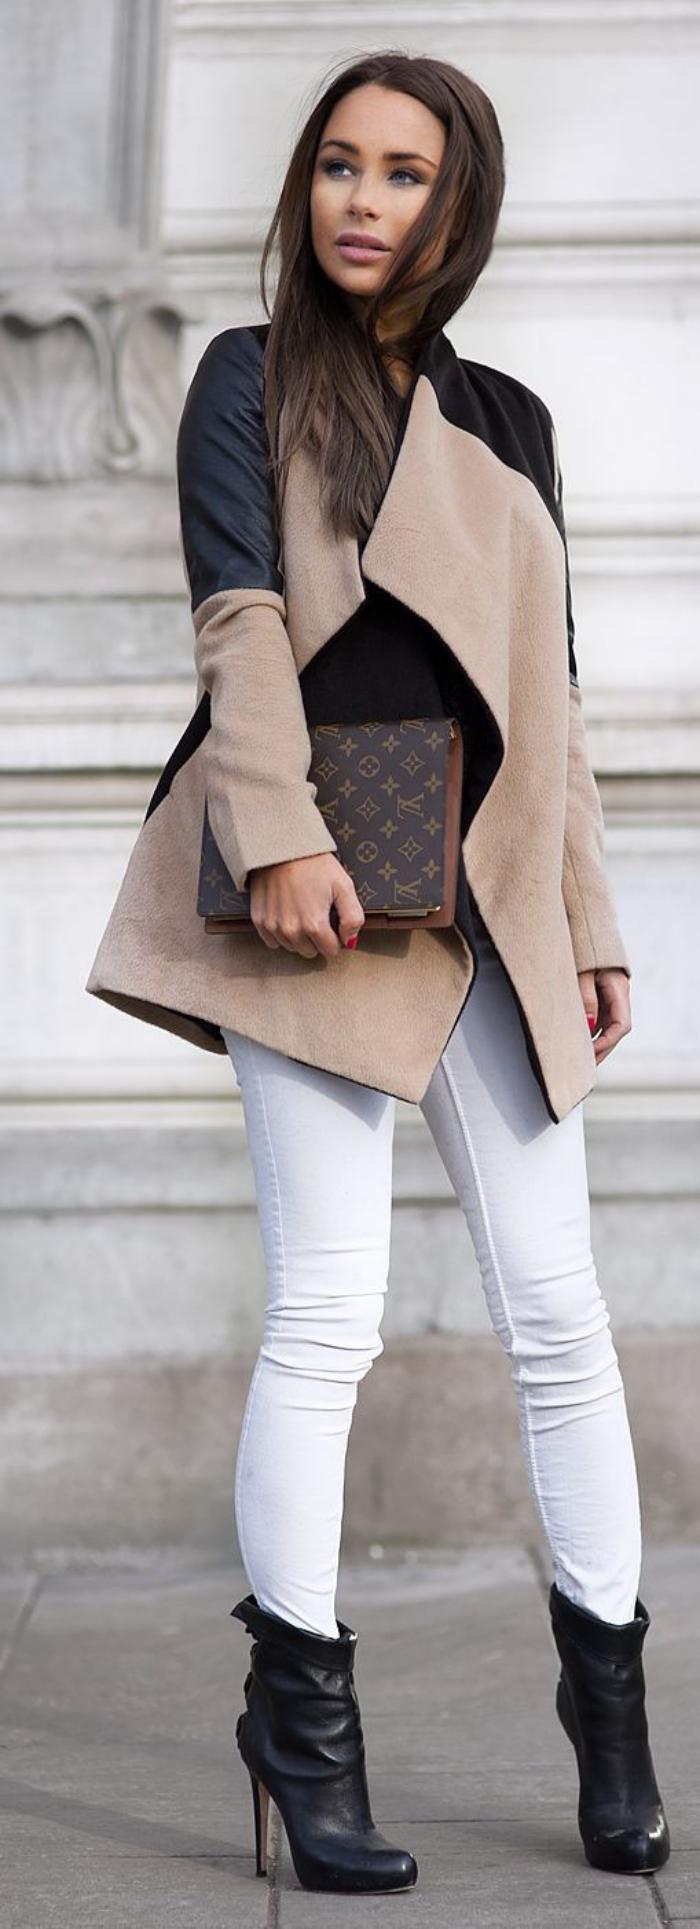 Außergewöhnlich Grauer Mantel Kombinieren Beste Wahl Damen Modelle In Karamell Farbe